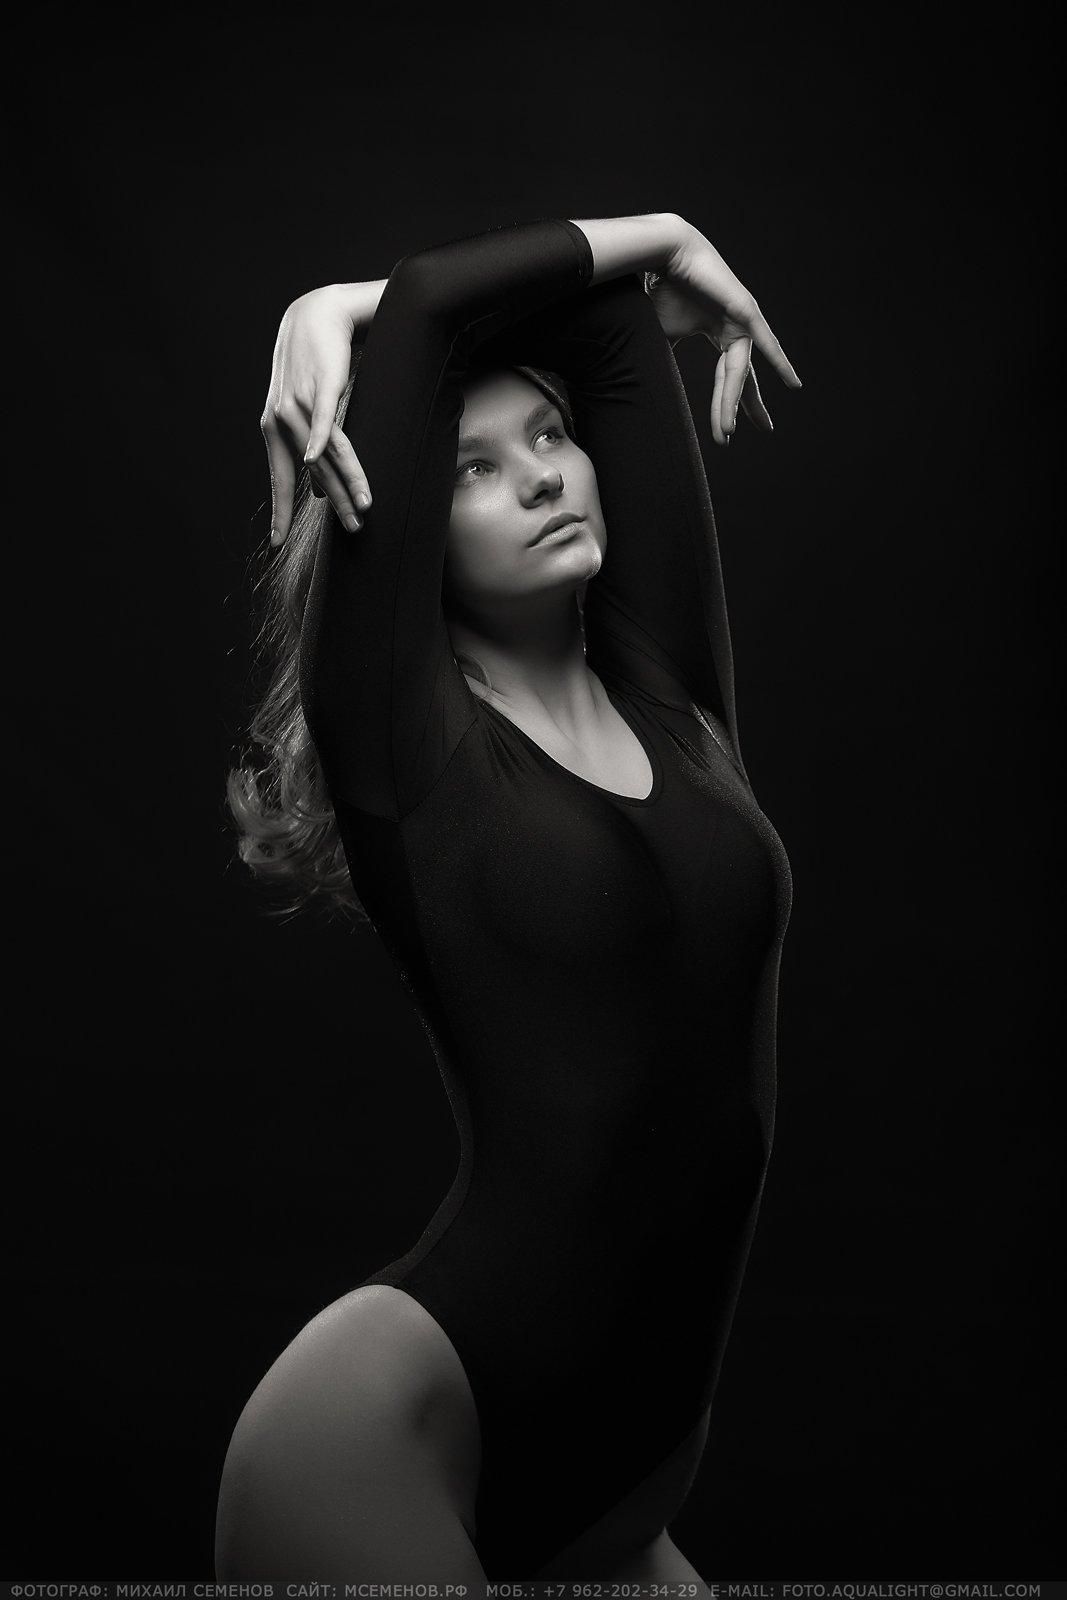 #михаилсеменов #фотографярославль #сертификат #подарок #аква #аквалайт #модель #красота #nu, Михаил Семенов